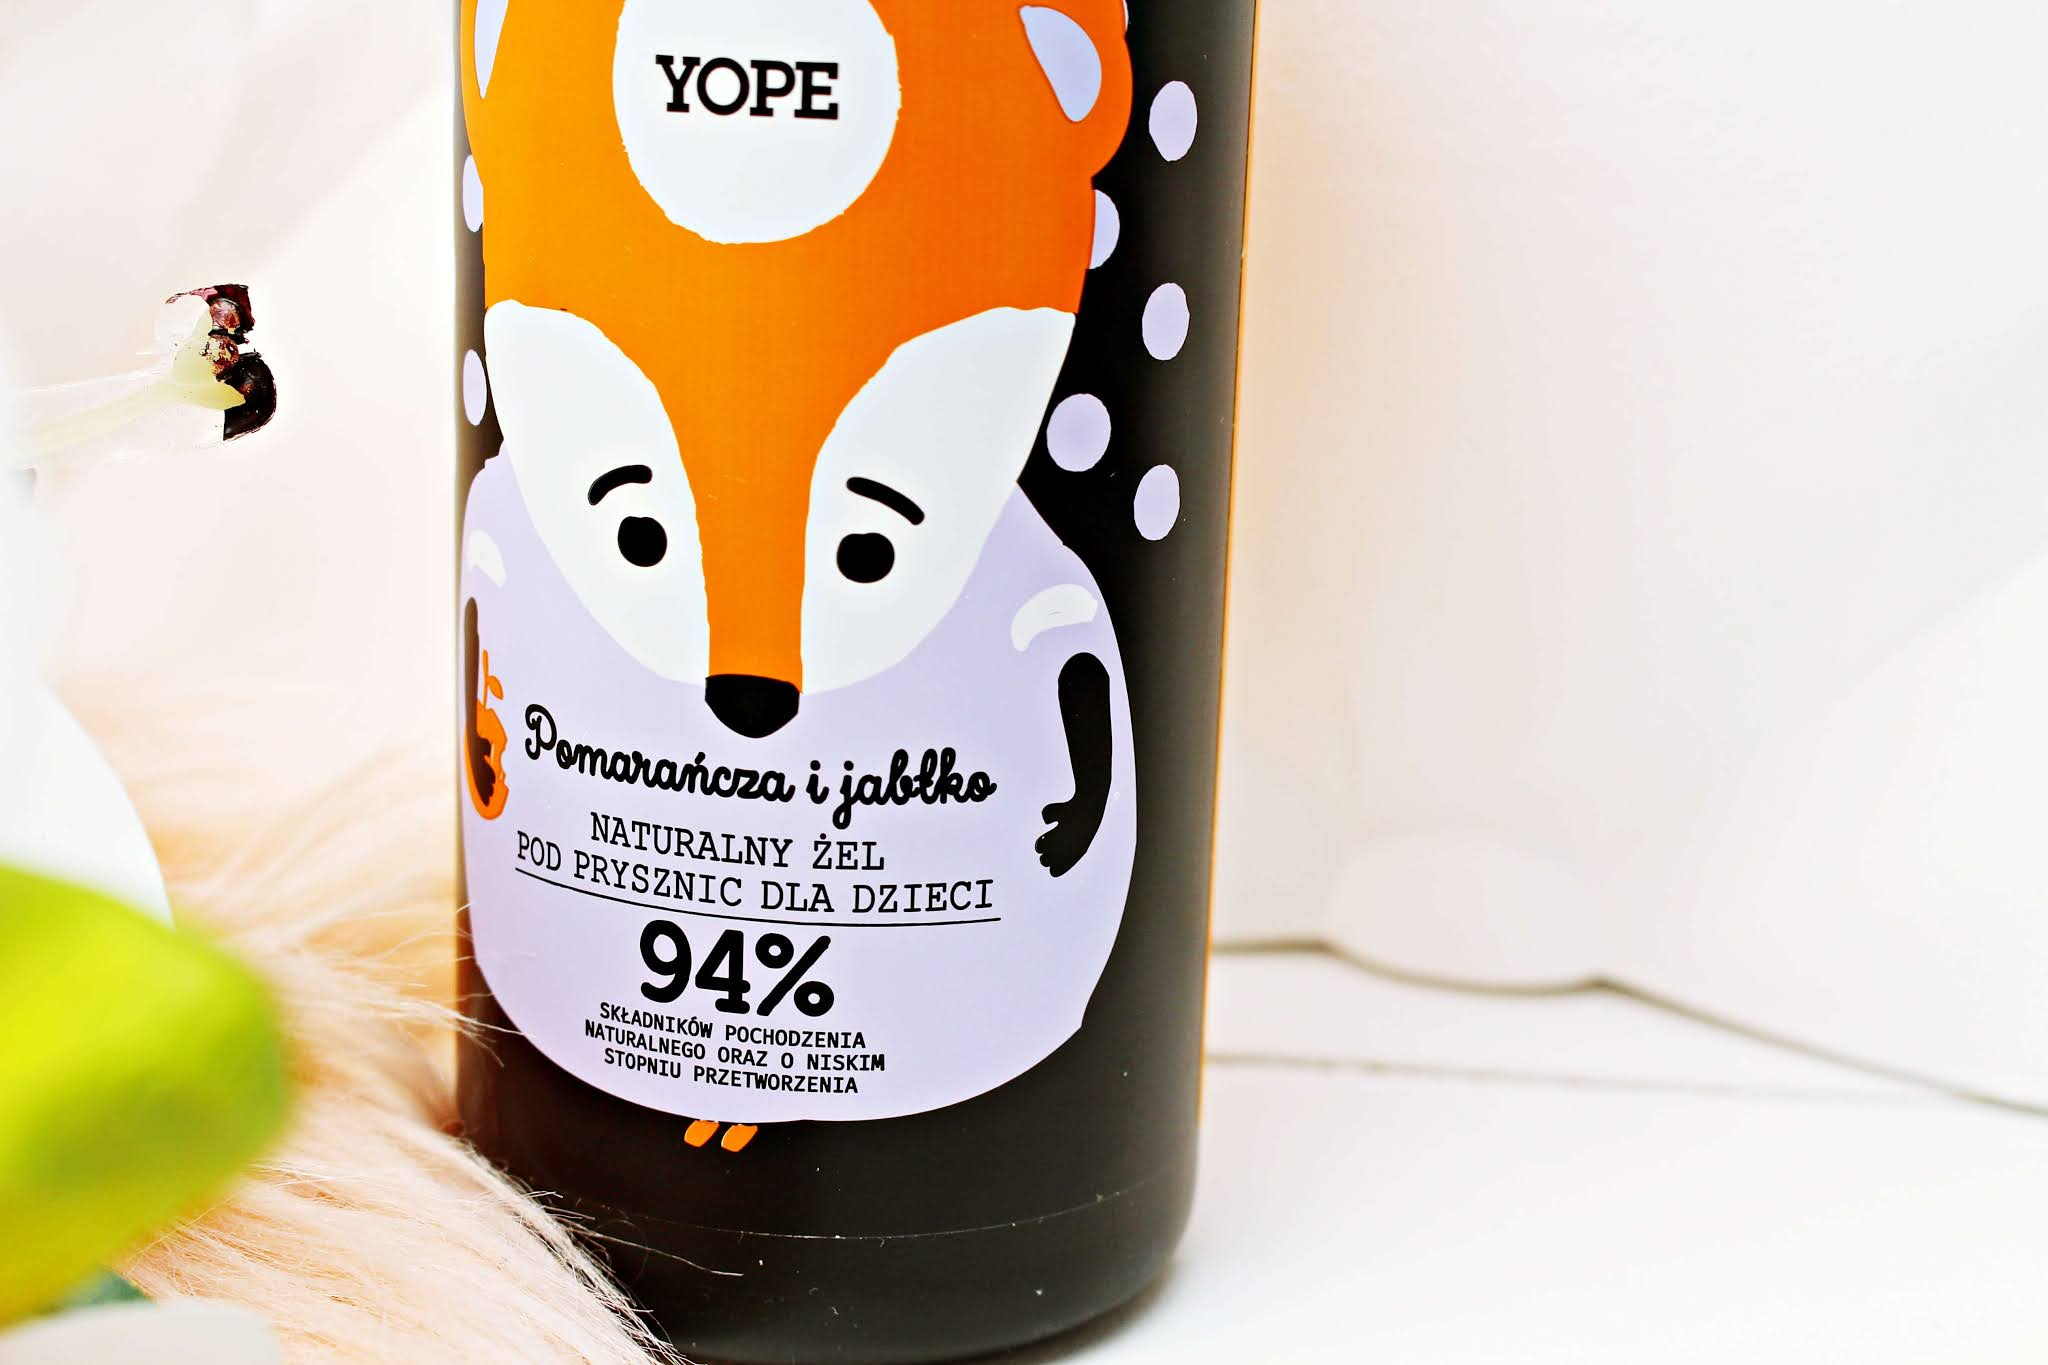 Żel pod prysznic dla dzieci Yope Pomarańcza Jabłko